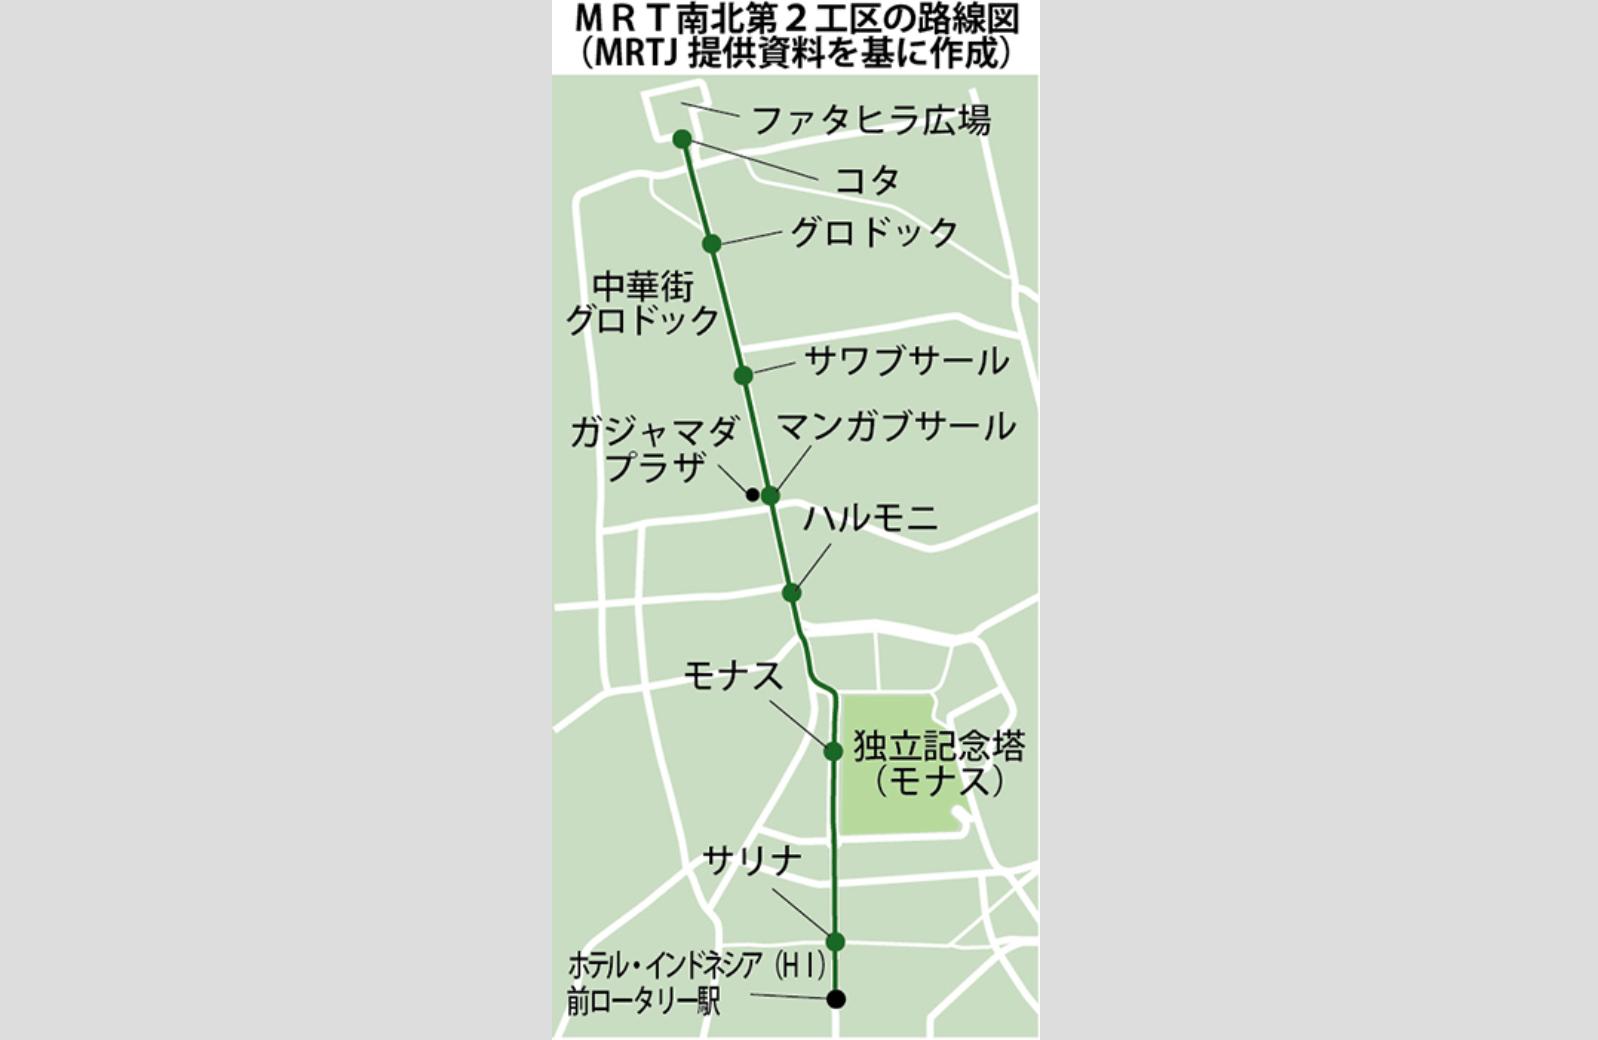 インドネシア:コタまで7駅新設へ MRT南北線